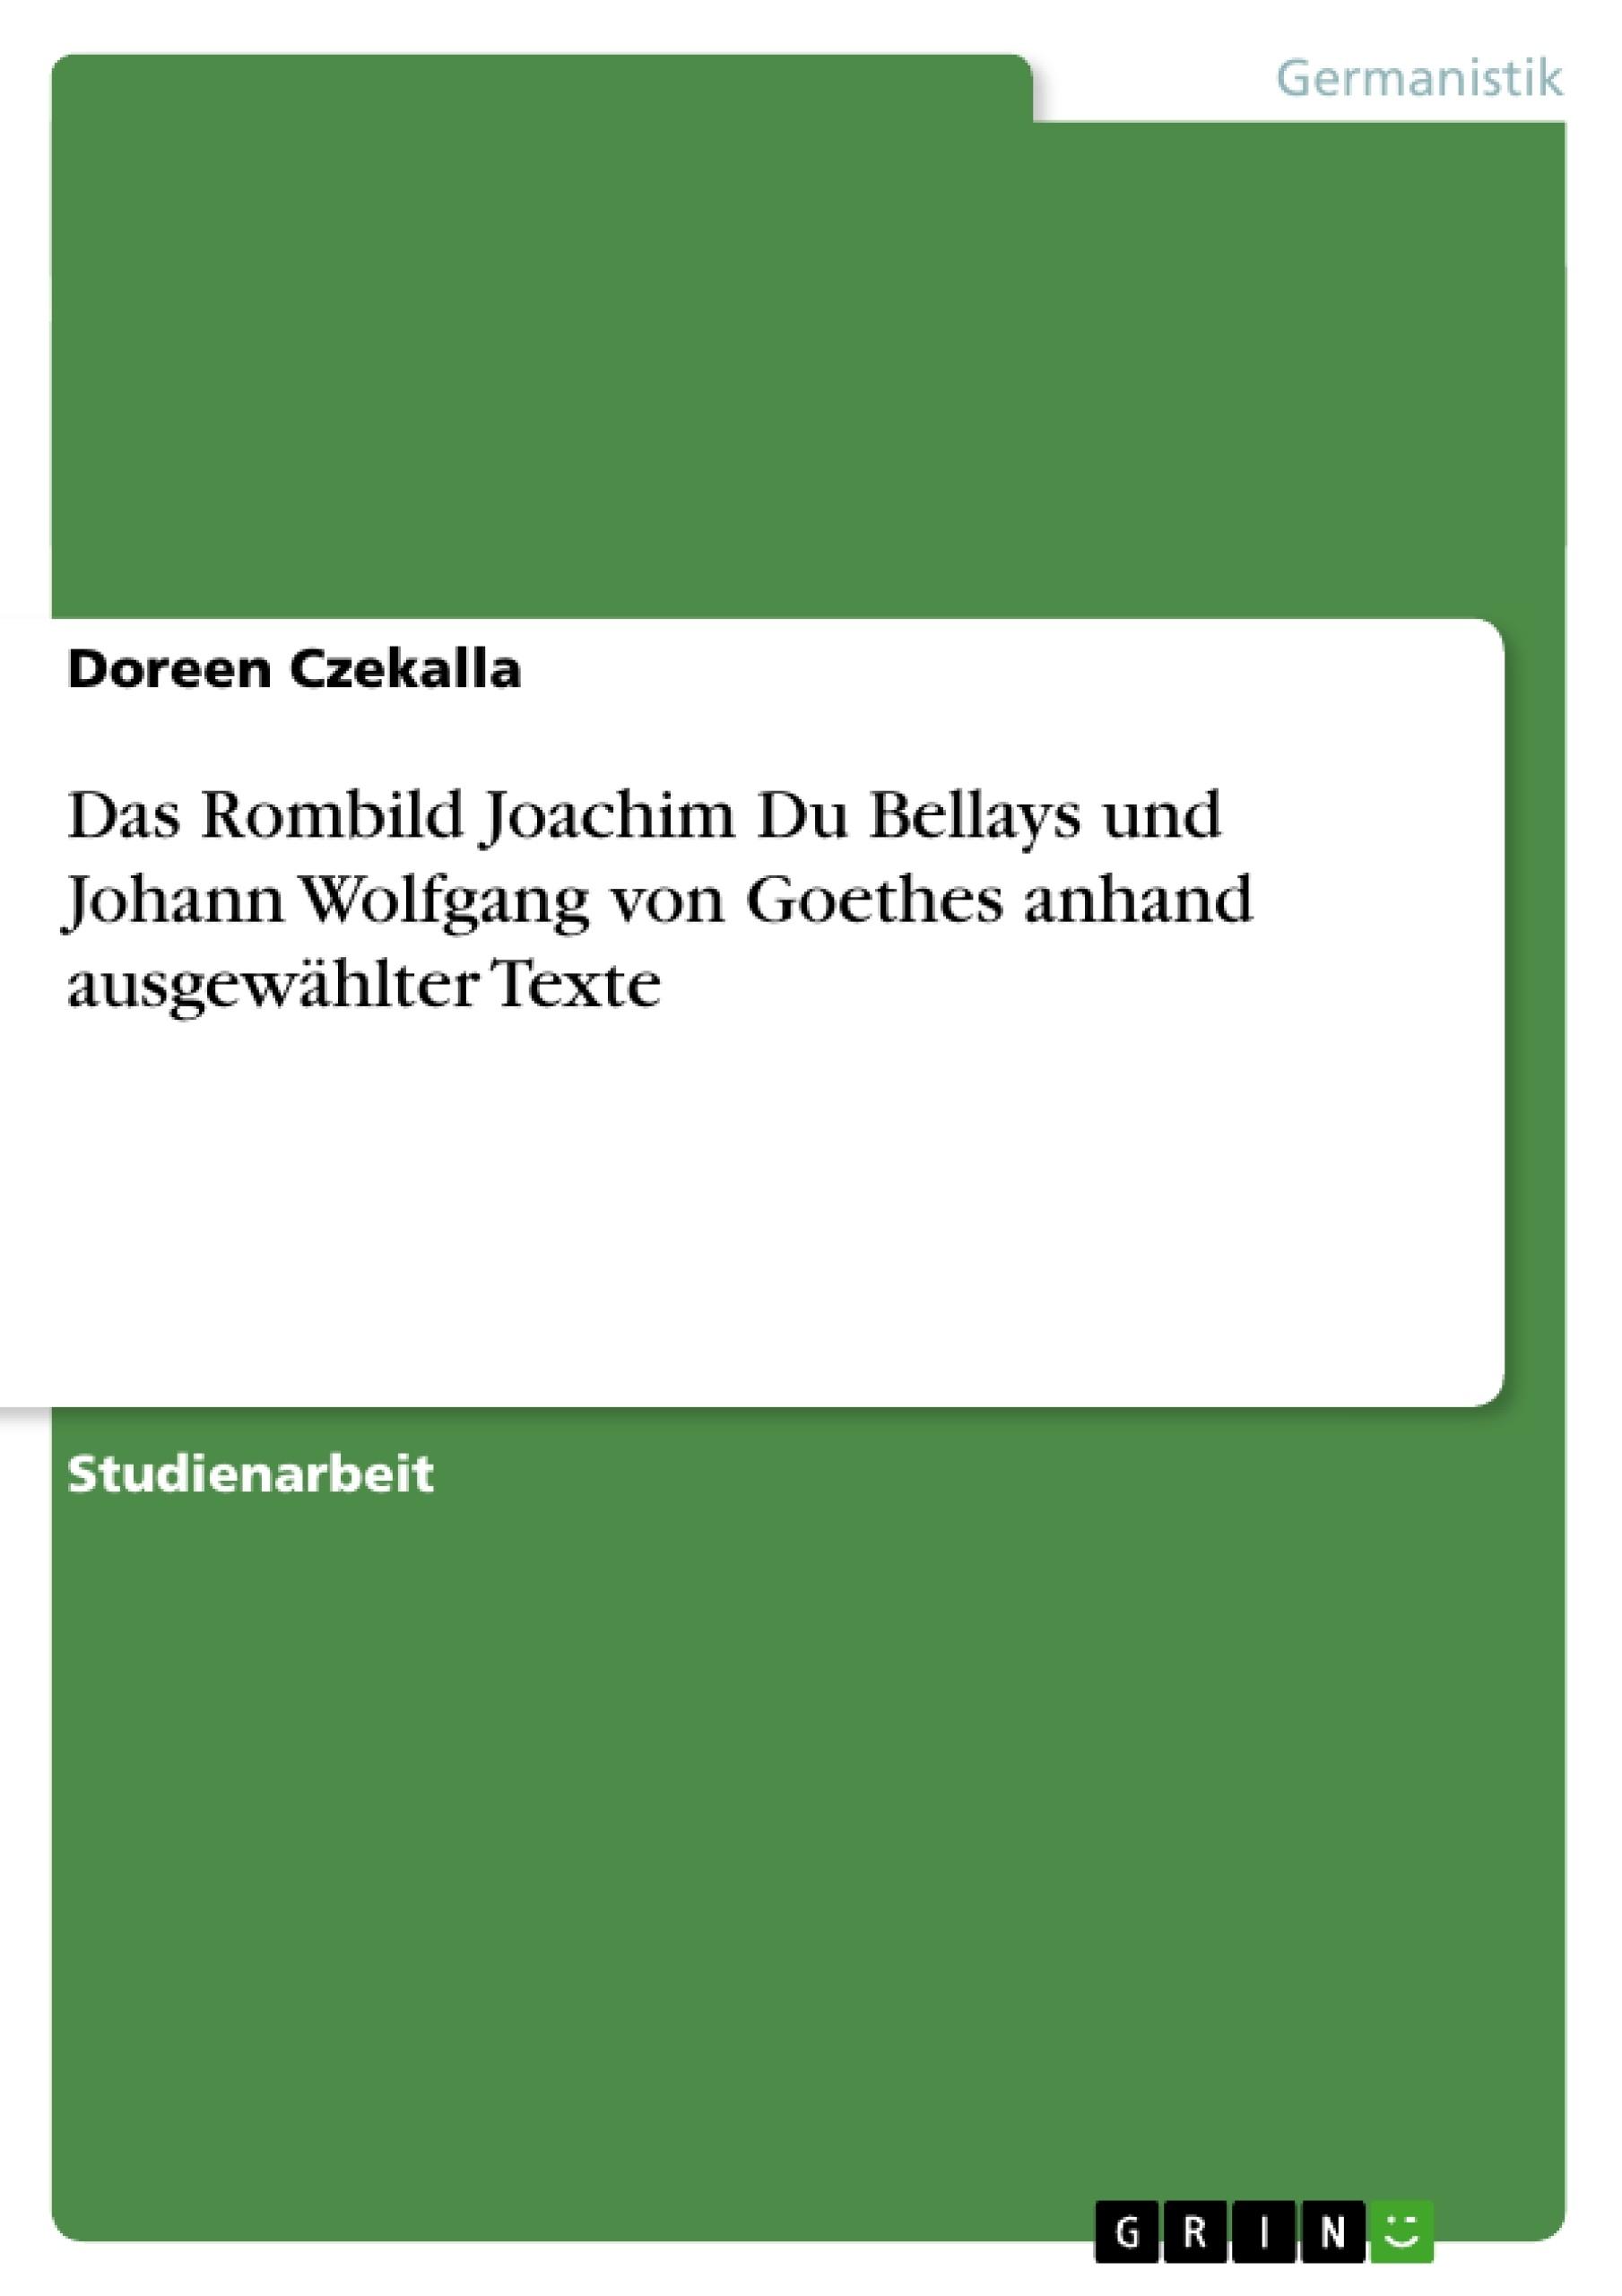 Titel: Das Rombild Joachim Du Bellays und Johann Wolfgang von Goethes anhand ausgewählter Texte